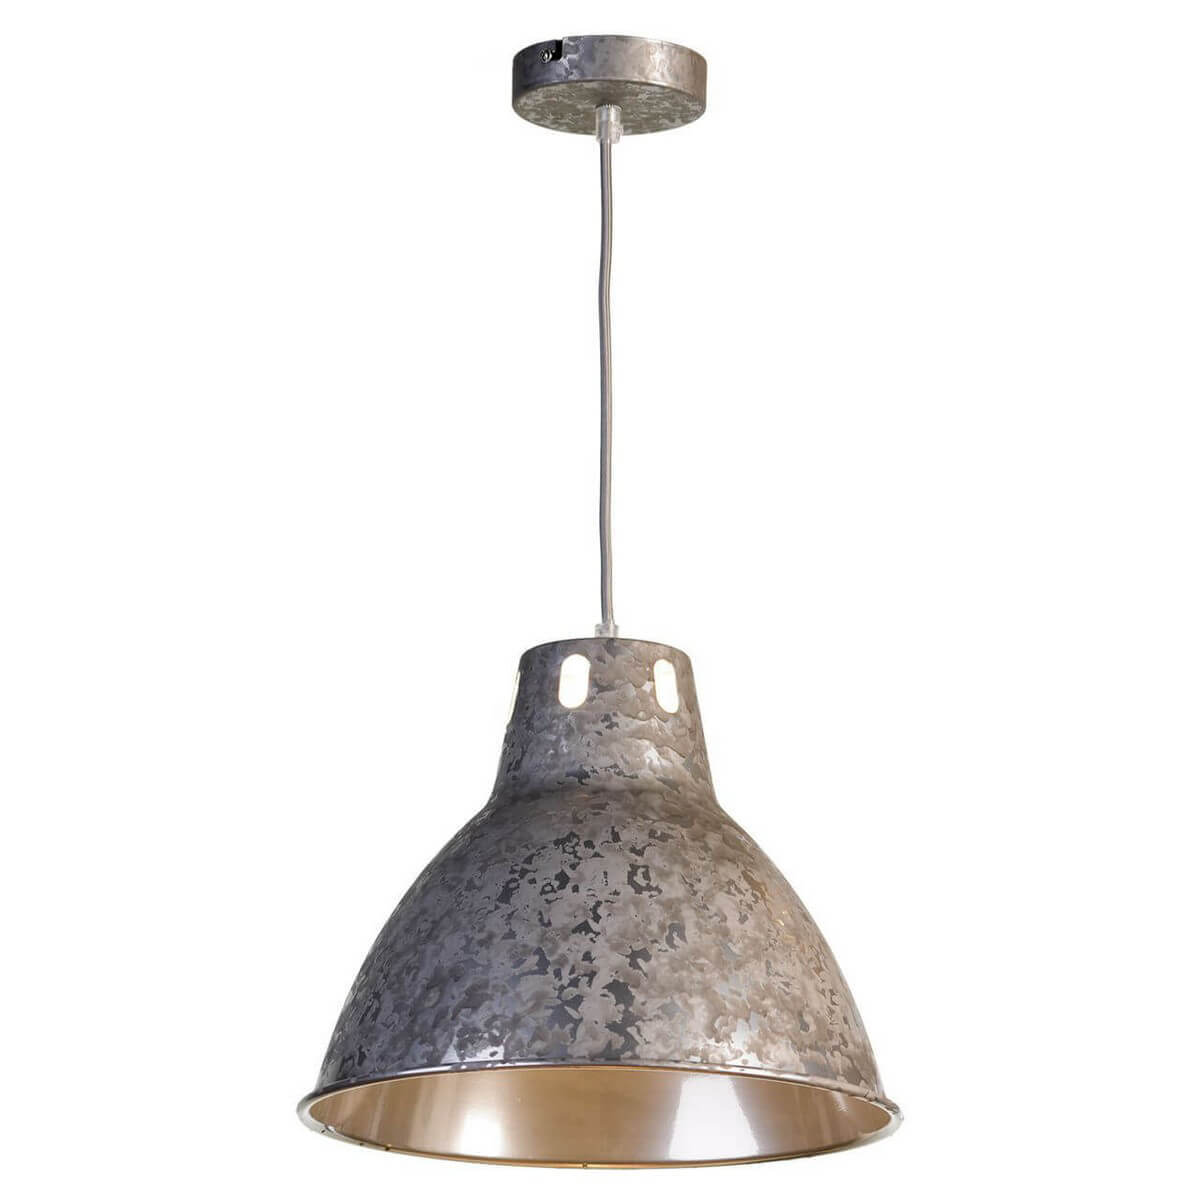 Подвесной светильник Lussole Loft GRLSP-9503 подвесной светильник lussole grlsp 9856 серый